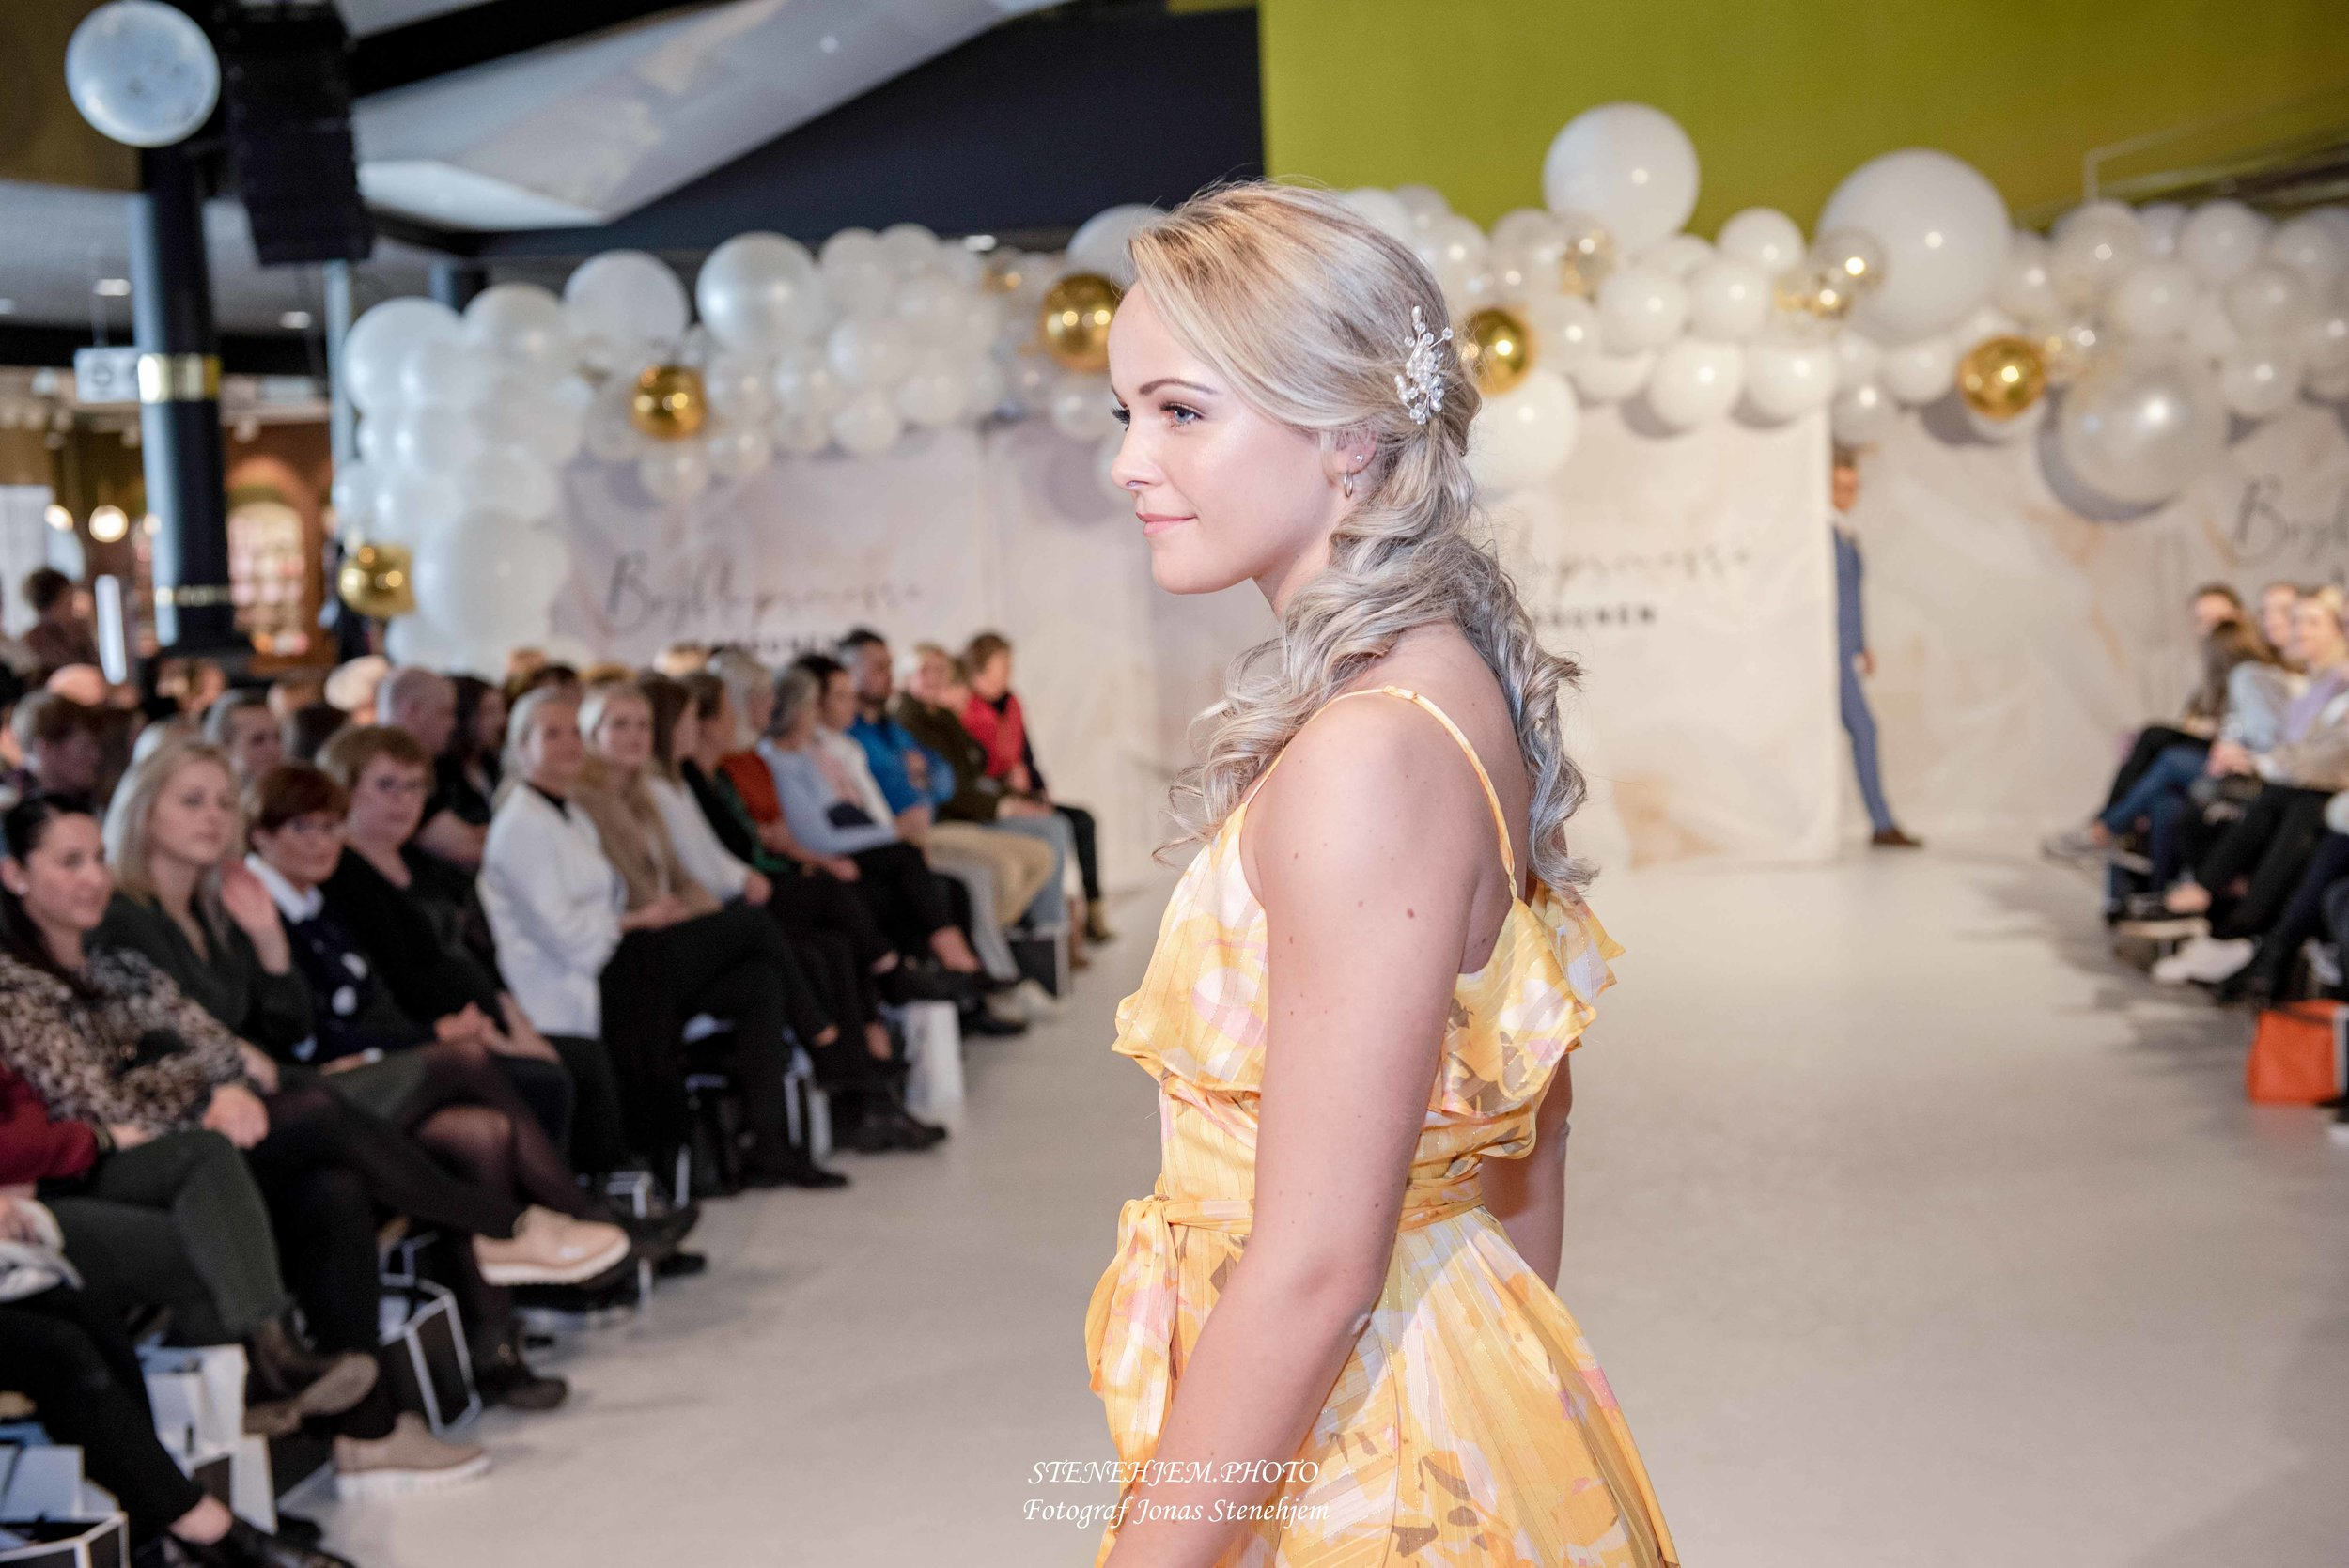 lagunen_fashion_mittaltweddingfair__012.jpg